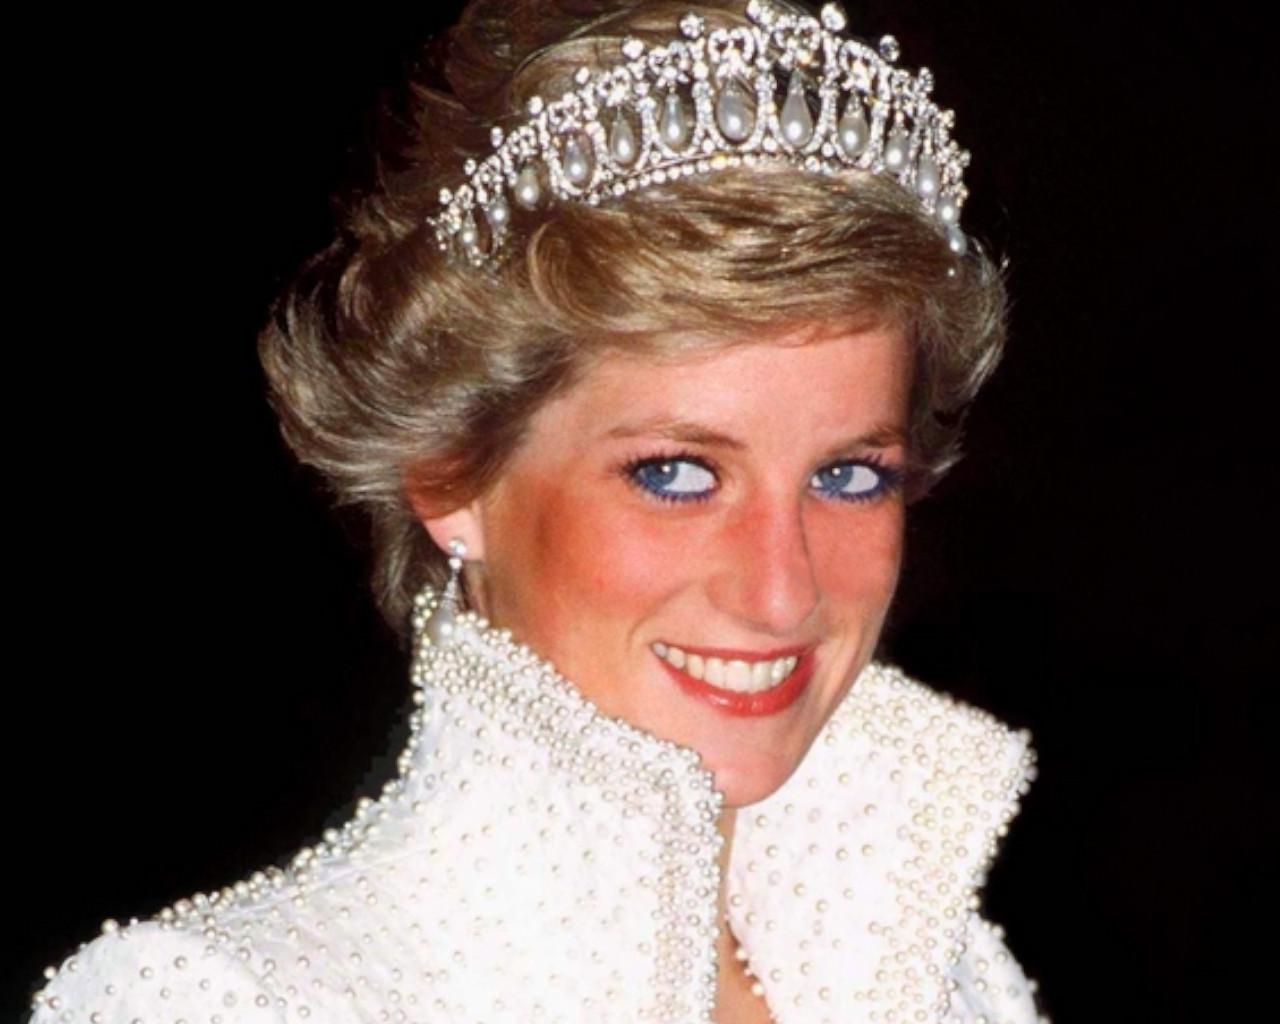 νταιανα θάνατος, νταιανα κάρολος, νταιανα ύψος,, νταιανα πριγκίπισσα, νταιανα ταινία, νταιανα κηδεία